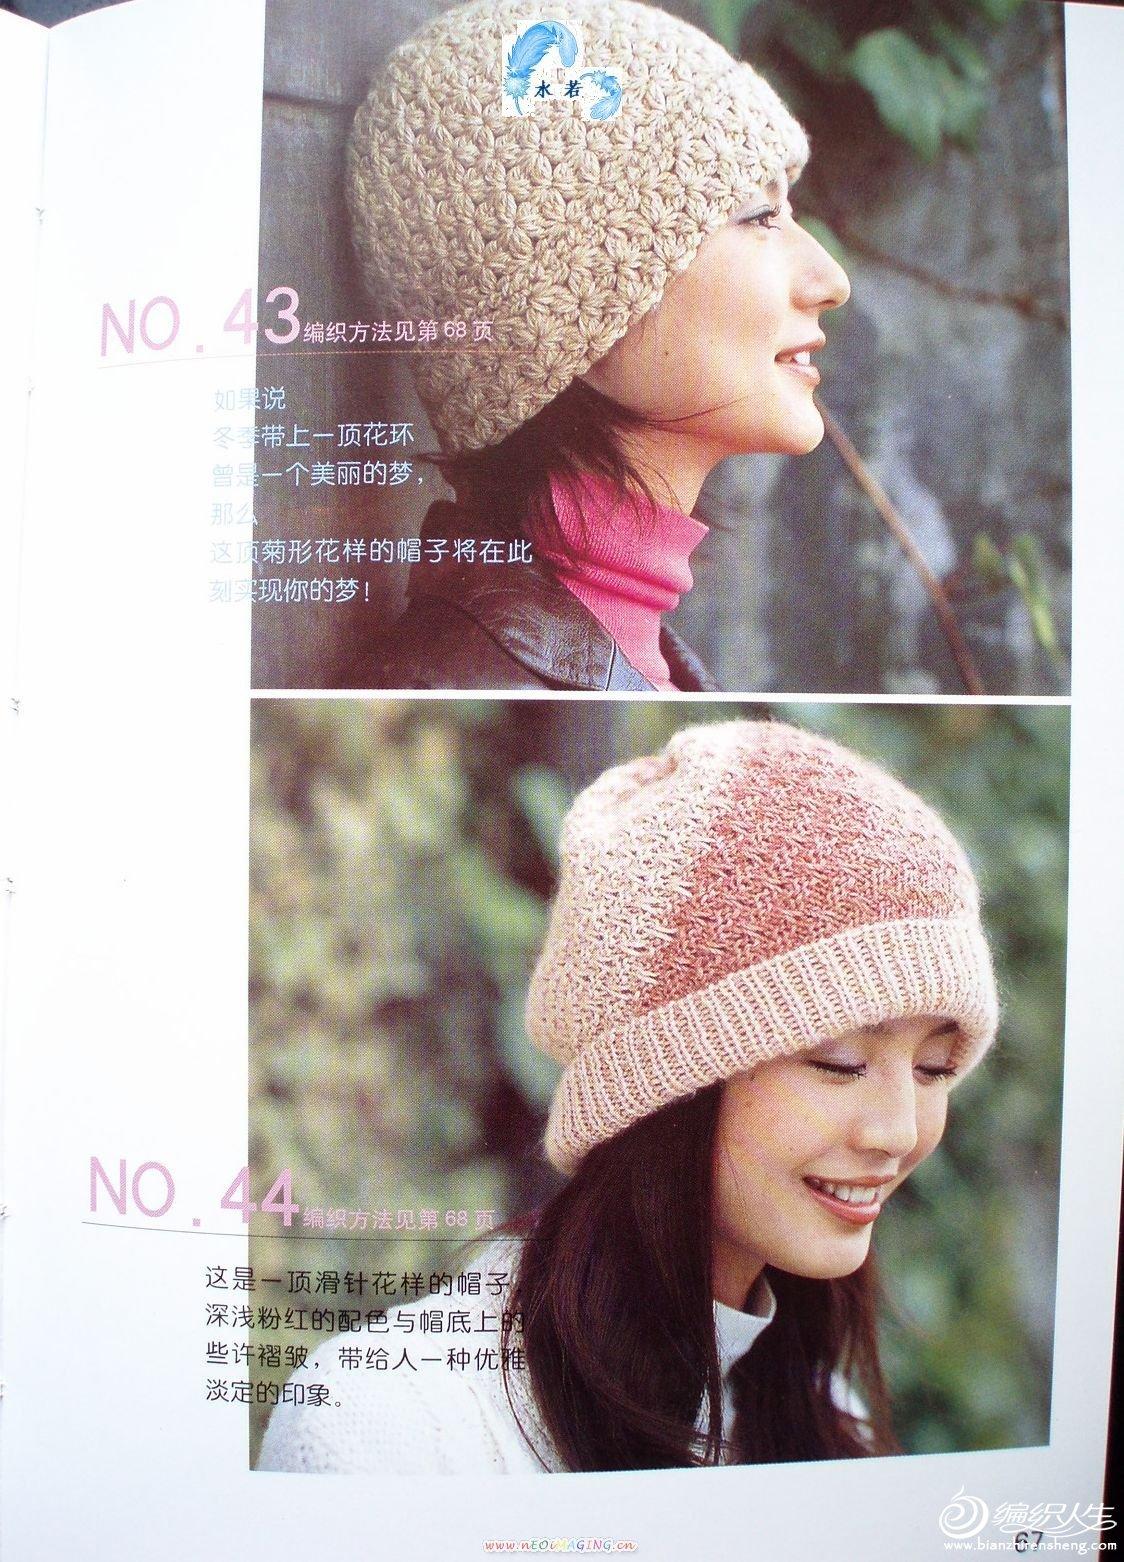 网上买毛线送的一些图片教程